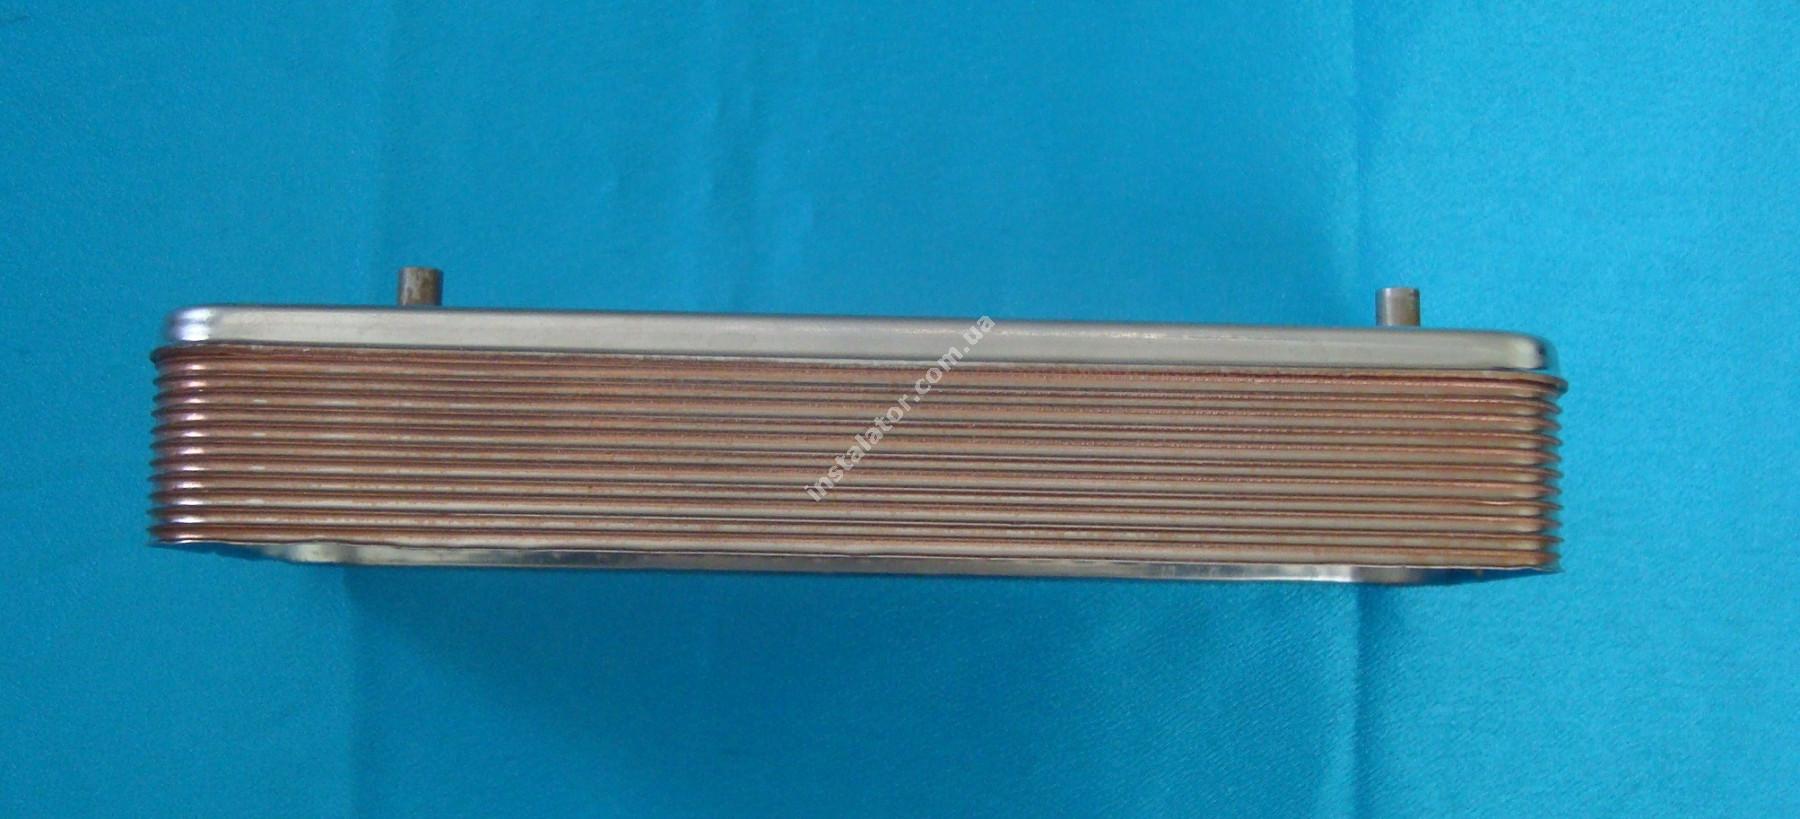 17B2071400 Теплообмінник вторинний ГВП 14 пластин BAXІ, ZILMET full-image-0